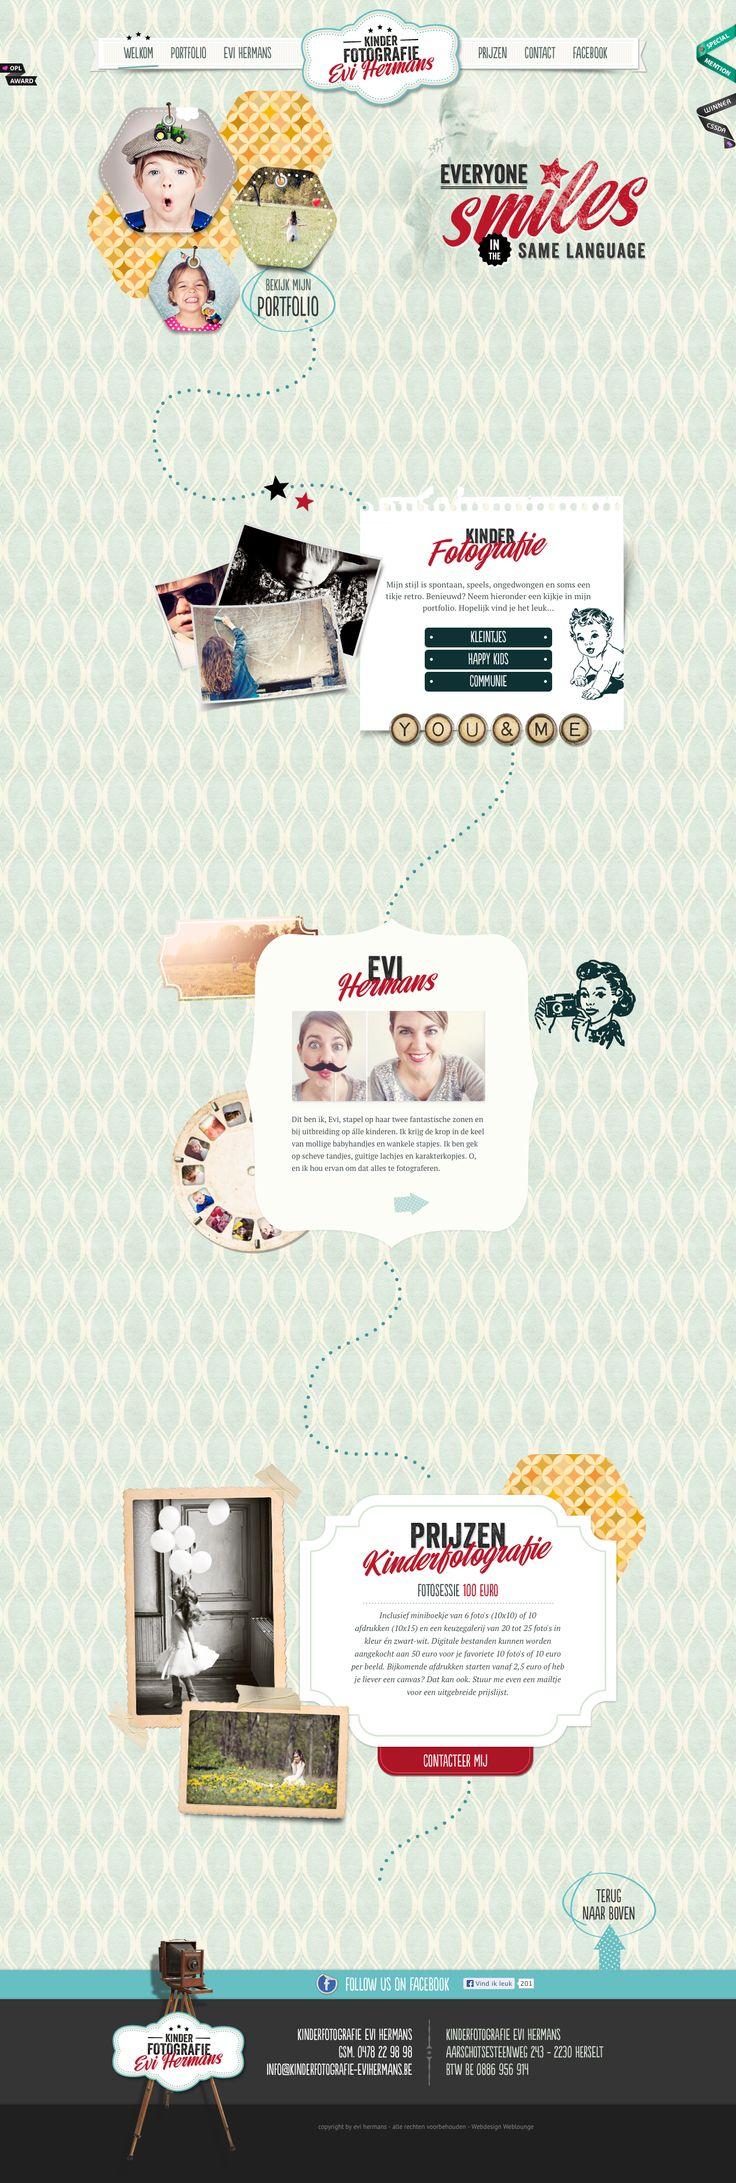 Kinderfotografie Evi Hermans | Kinderfotograaf in Herselt http://www.kinderfotografie-evihermans.be/ #parallax #scrolling #html5 #texture #vitage #webdesign